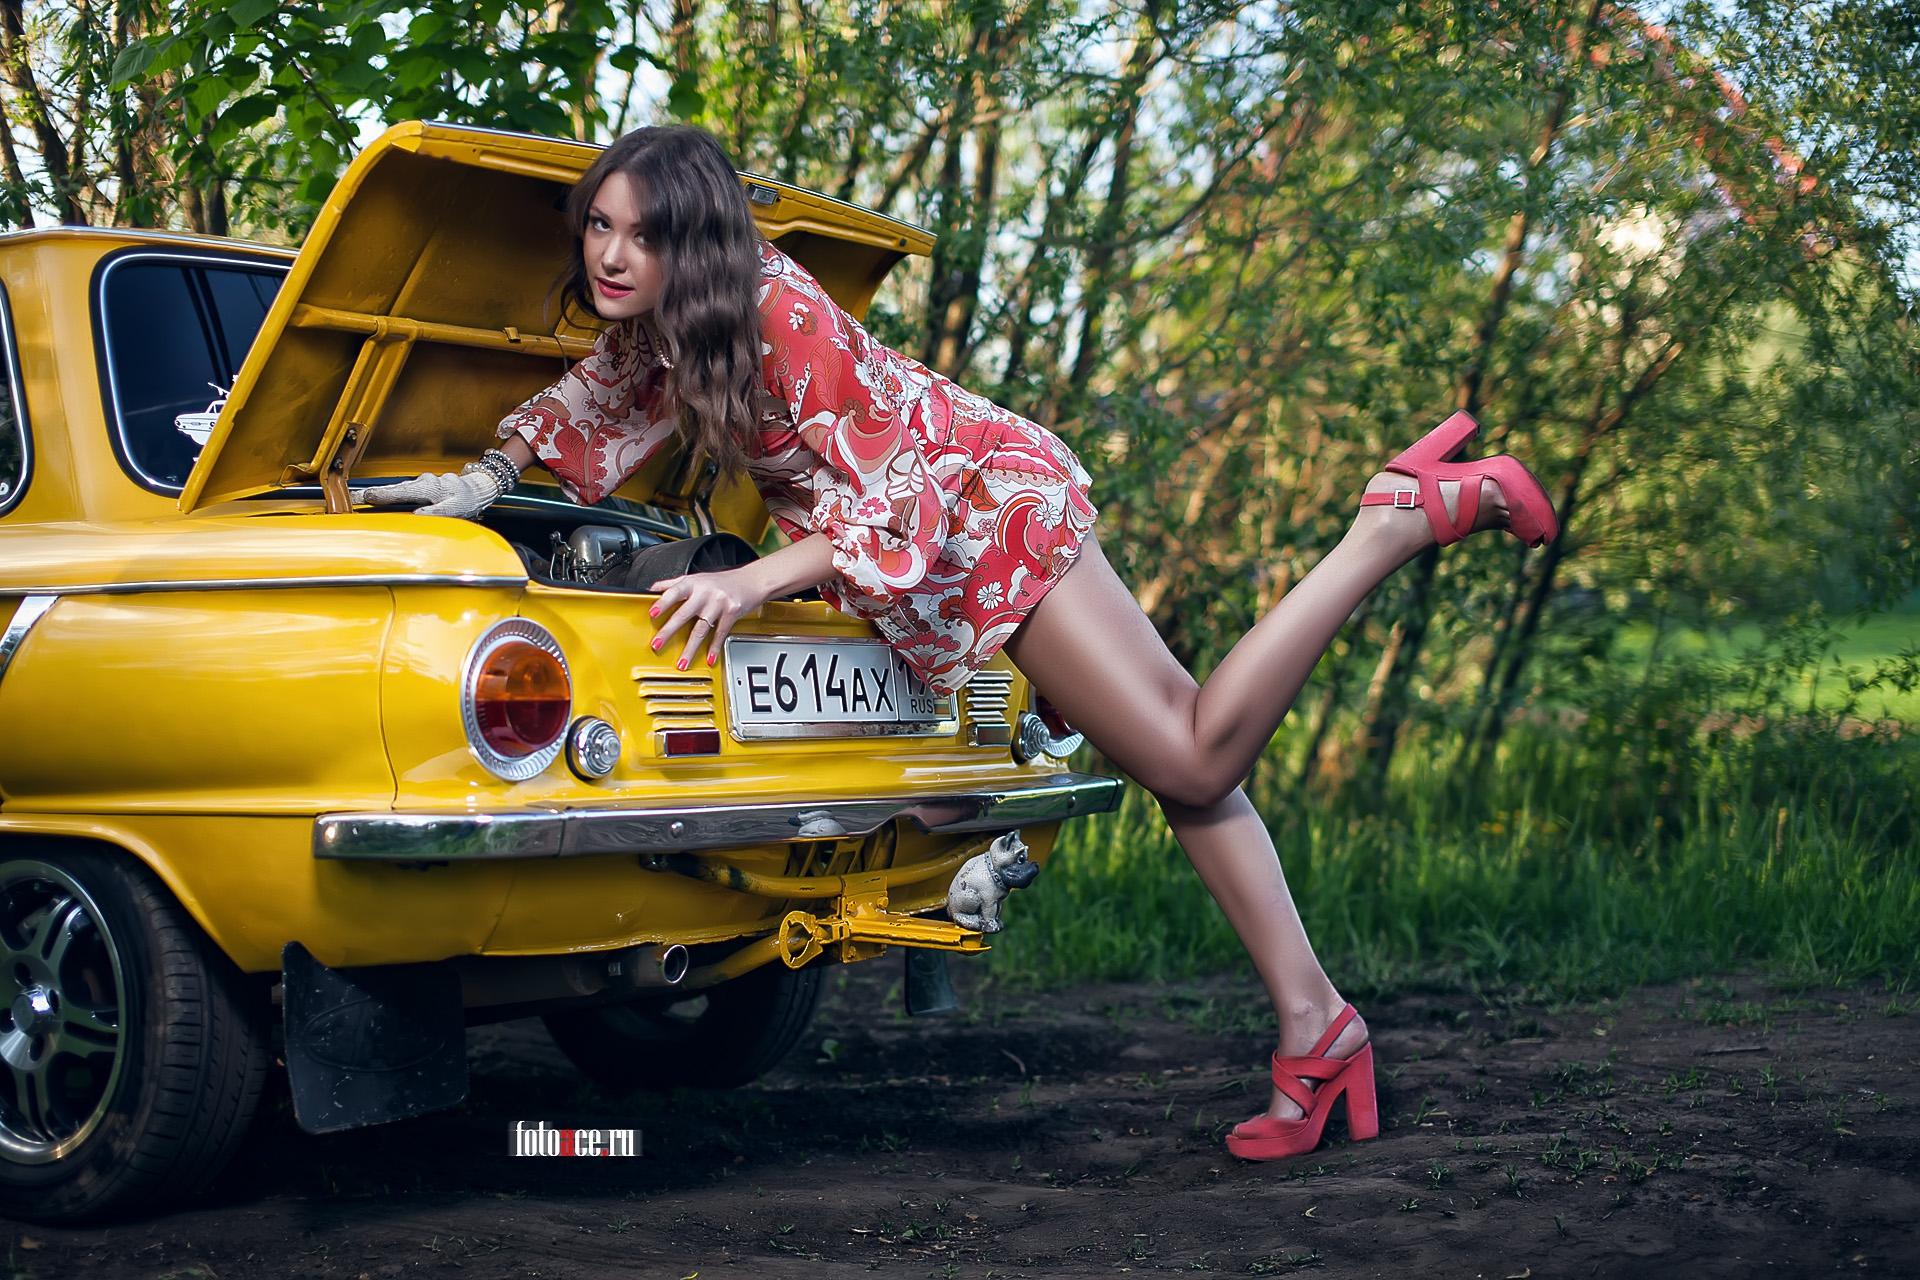 Фото пикапа девушек, Удачный пикап на улице порно фото 17 фотография